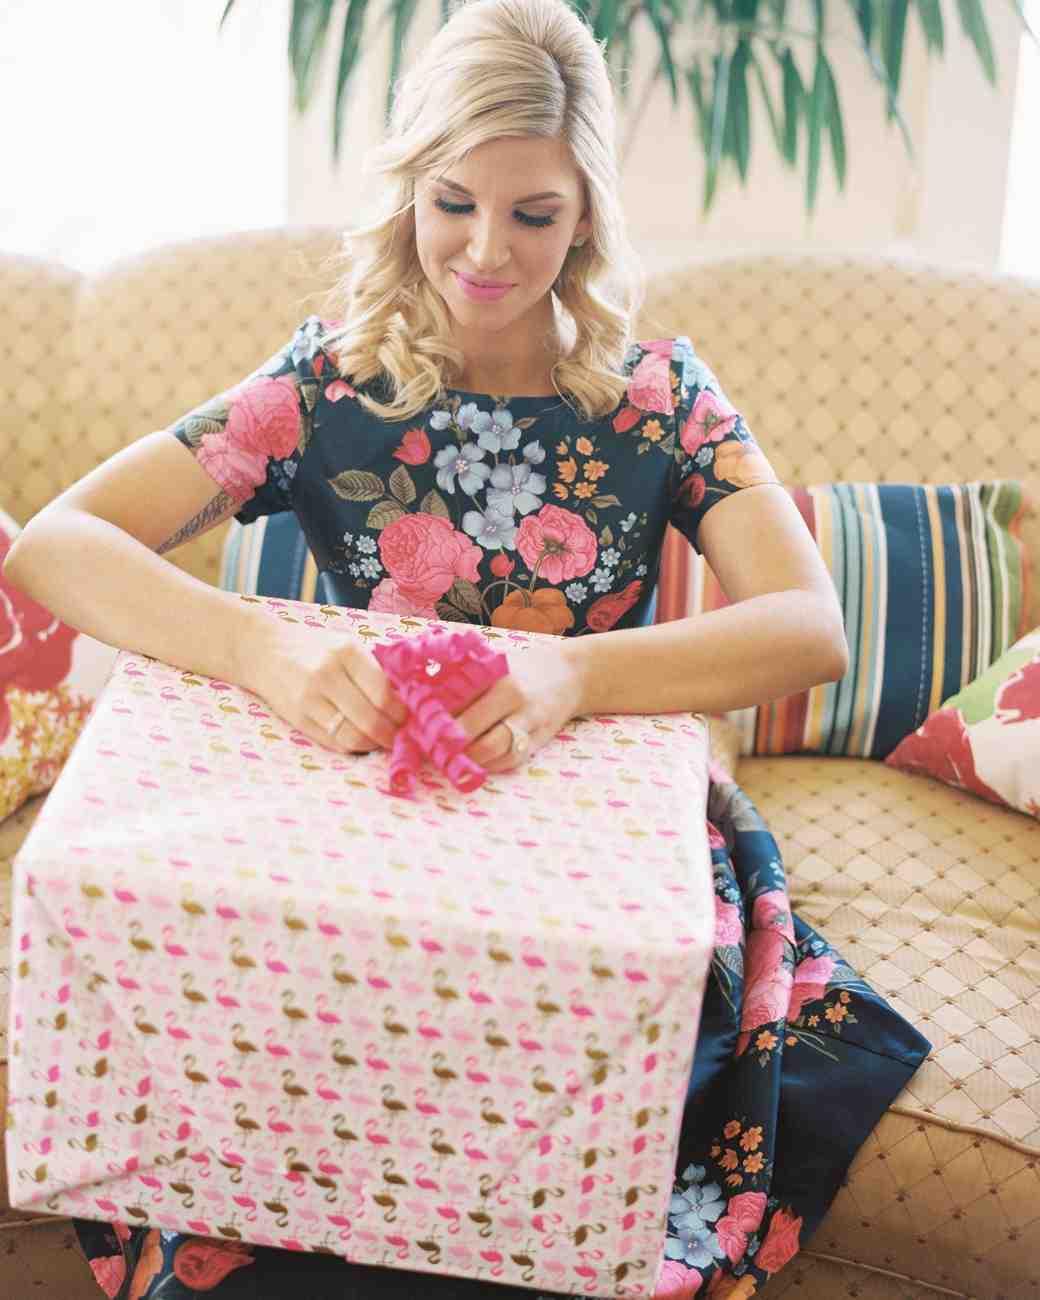 adrienne-bridal-shower-gifts-25-6134175-0716.jpg